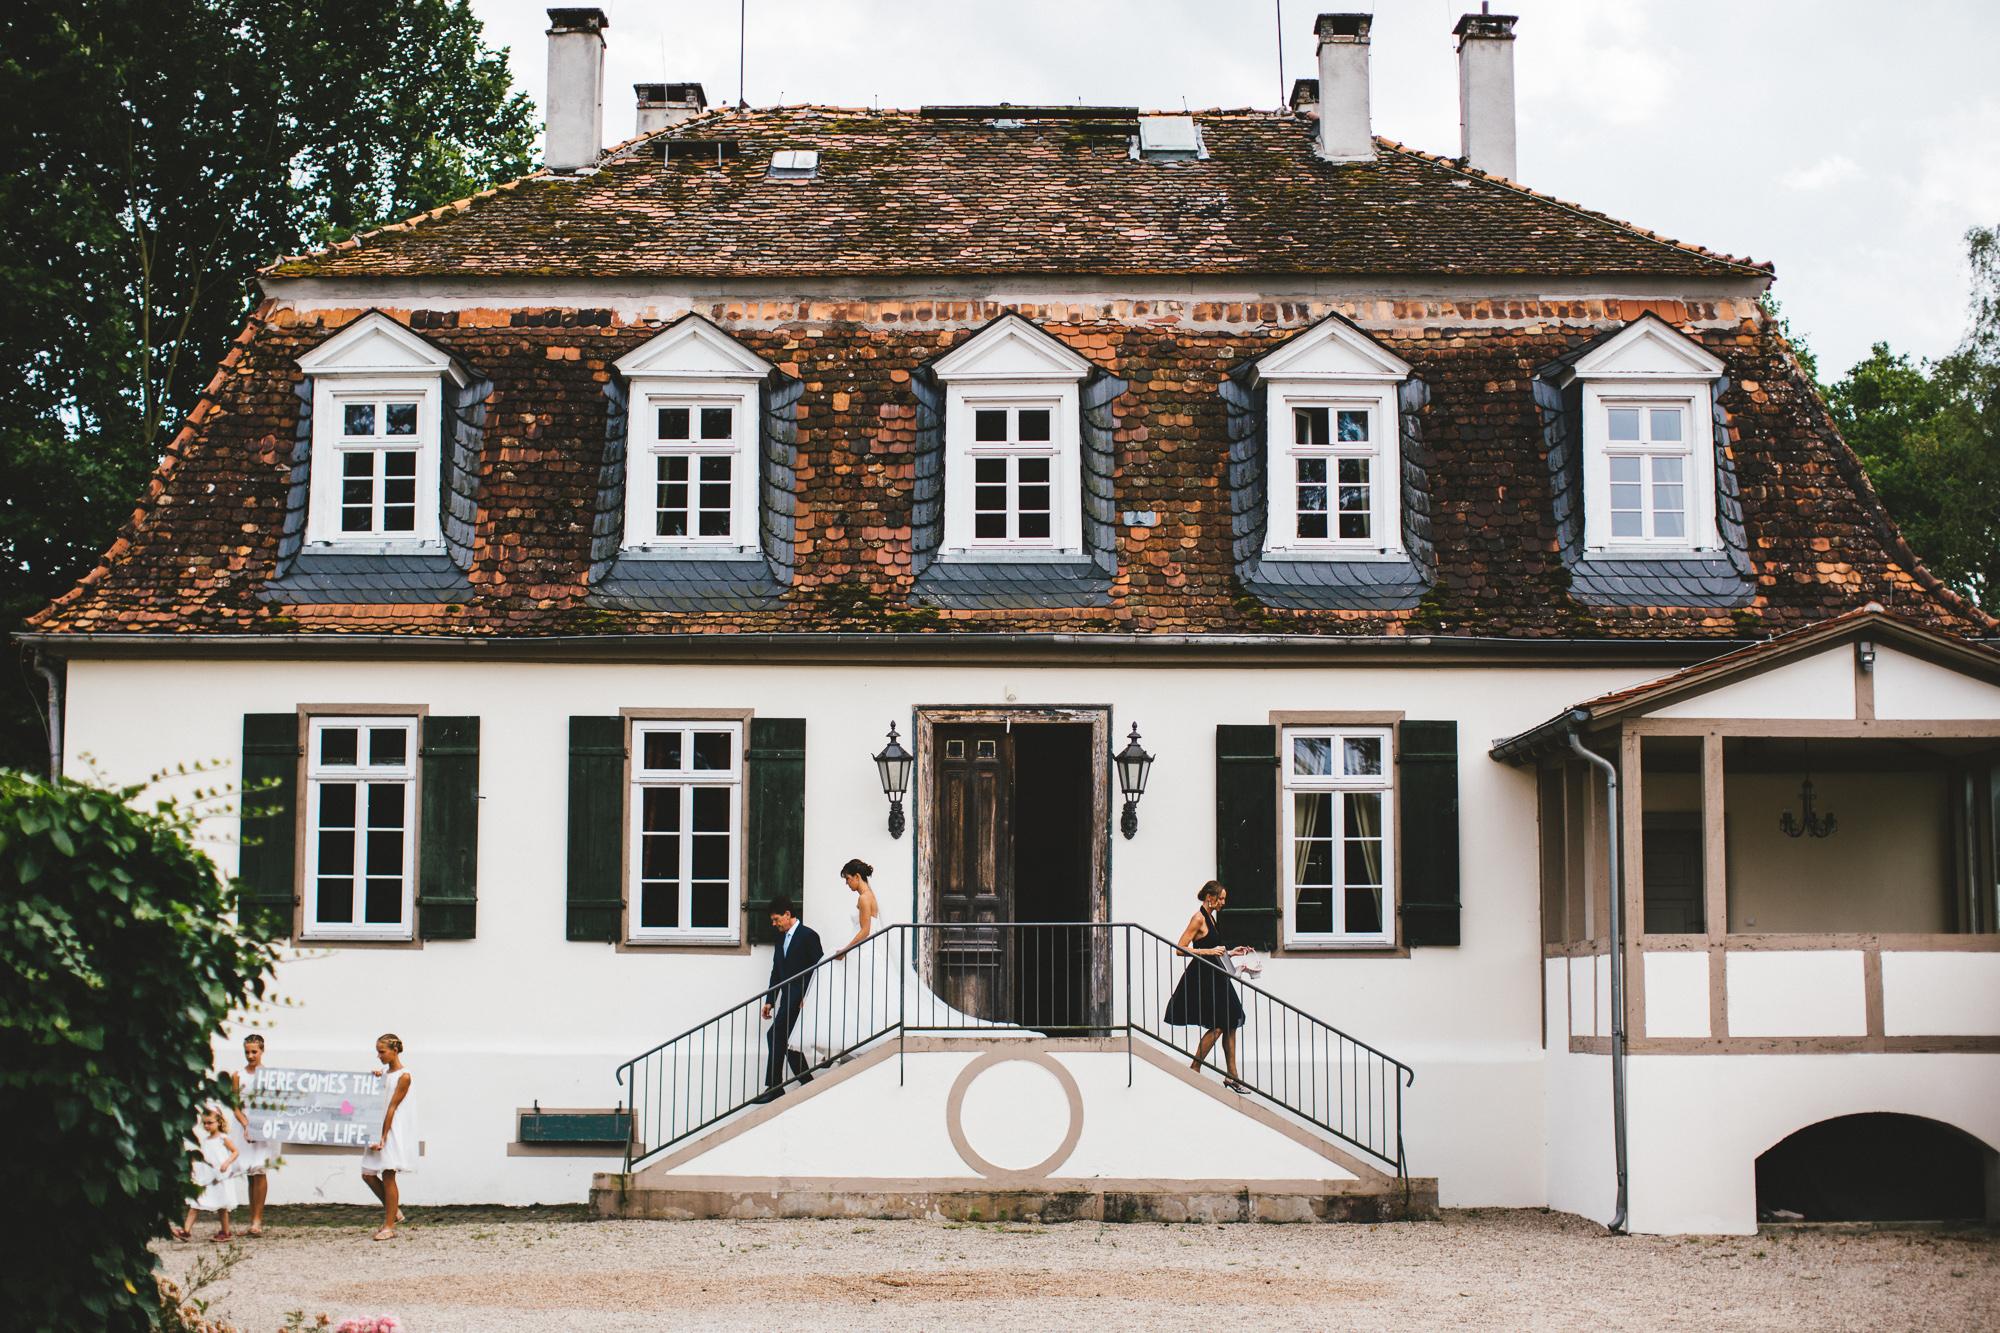 juliasven 040 - Jagdschloss Mönchbruch